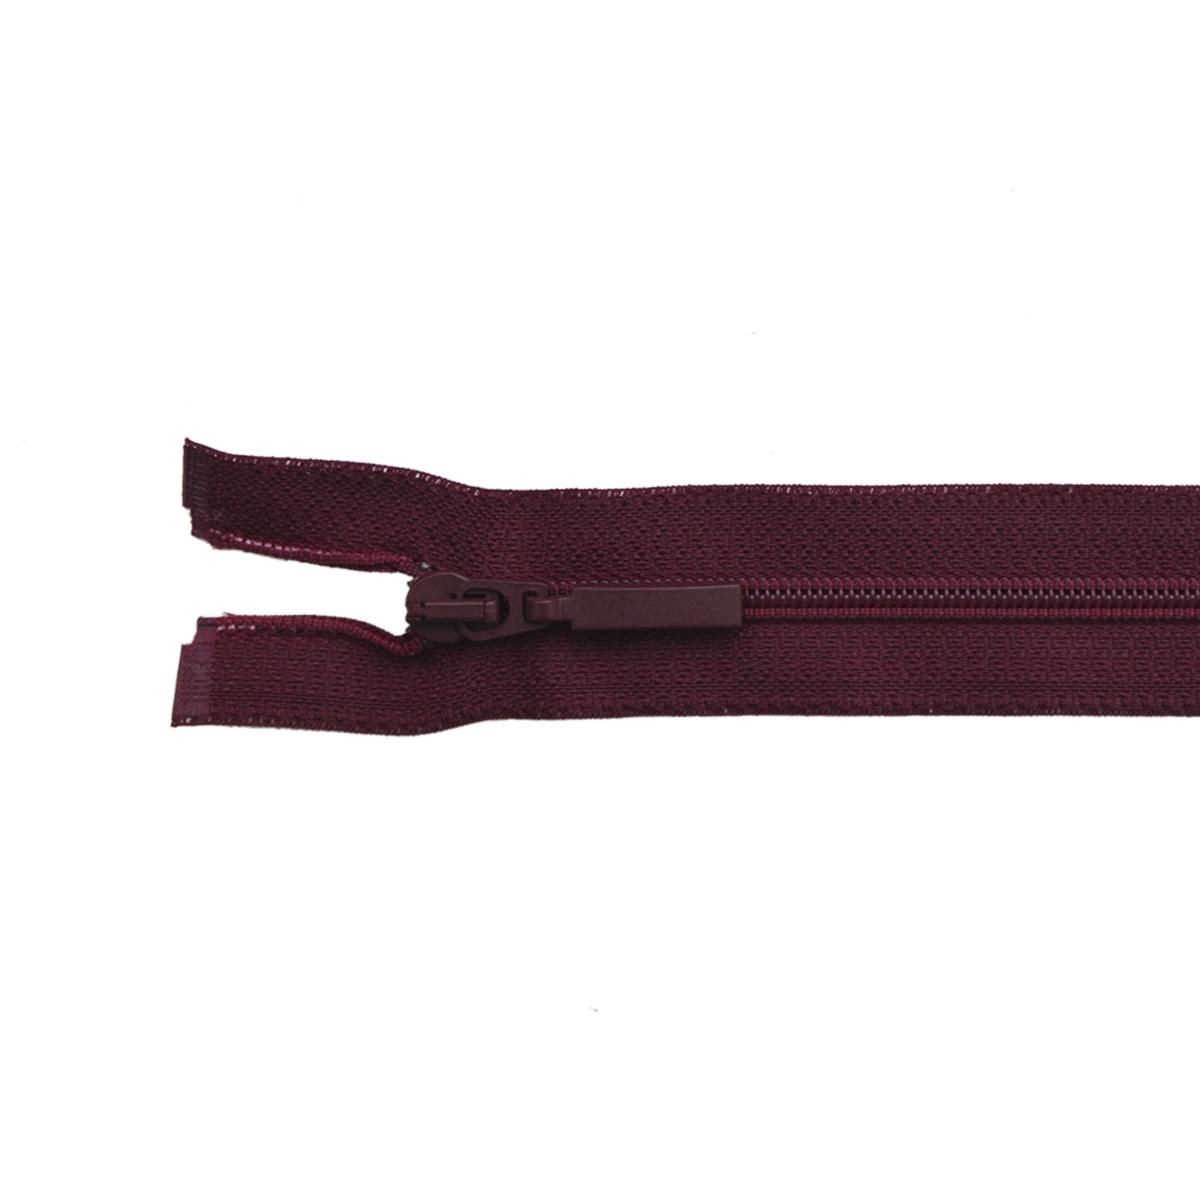 Застежка-молния витая Arta-F, цвет: бордовый (021), 65 см25365-021Продукция ARTA-F сертифицирована на Российский, Британский и Латвийский стандарт. Фурнитура ARTA-F изготавливается из европейских материалов, на современном оборудовании, в соответствии с высокими требованиями стандартов. Вся продукция фабрики проходит тесты на качество.Звено застежки-молнии Экстра имеет боковые приливы, которые исключают контакт замка с текстильной лентой, а сокращенный до минимума зазор между замком и приливами звена предохраняет от возможности попадания в замок подкладки, меха, нитей. В то же время эти меры повышают прочность застежки при высоких нагрузках, особенно на изгиб. Применение таких приливов на молниях ARTA-F не только повышает эксплуатационные качества застежки, но и увеличивает прочность крепления звена к ленте, и продлевает срок службы застежек-молний ARTA-F. Такая застежка-молния безопасна, легка в использовании и не повредит одежду.